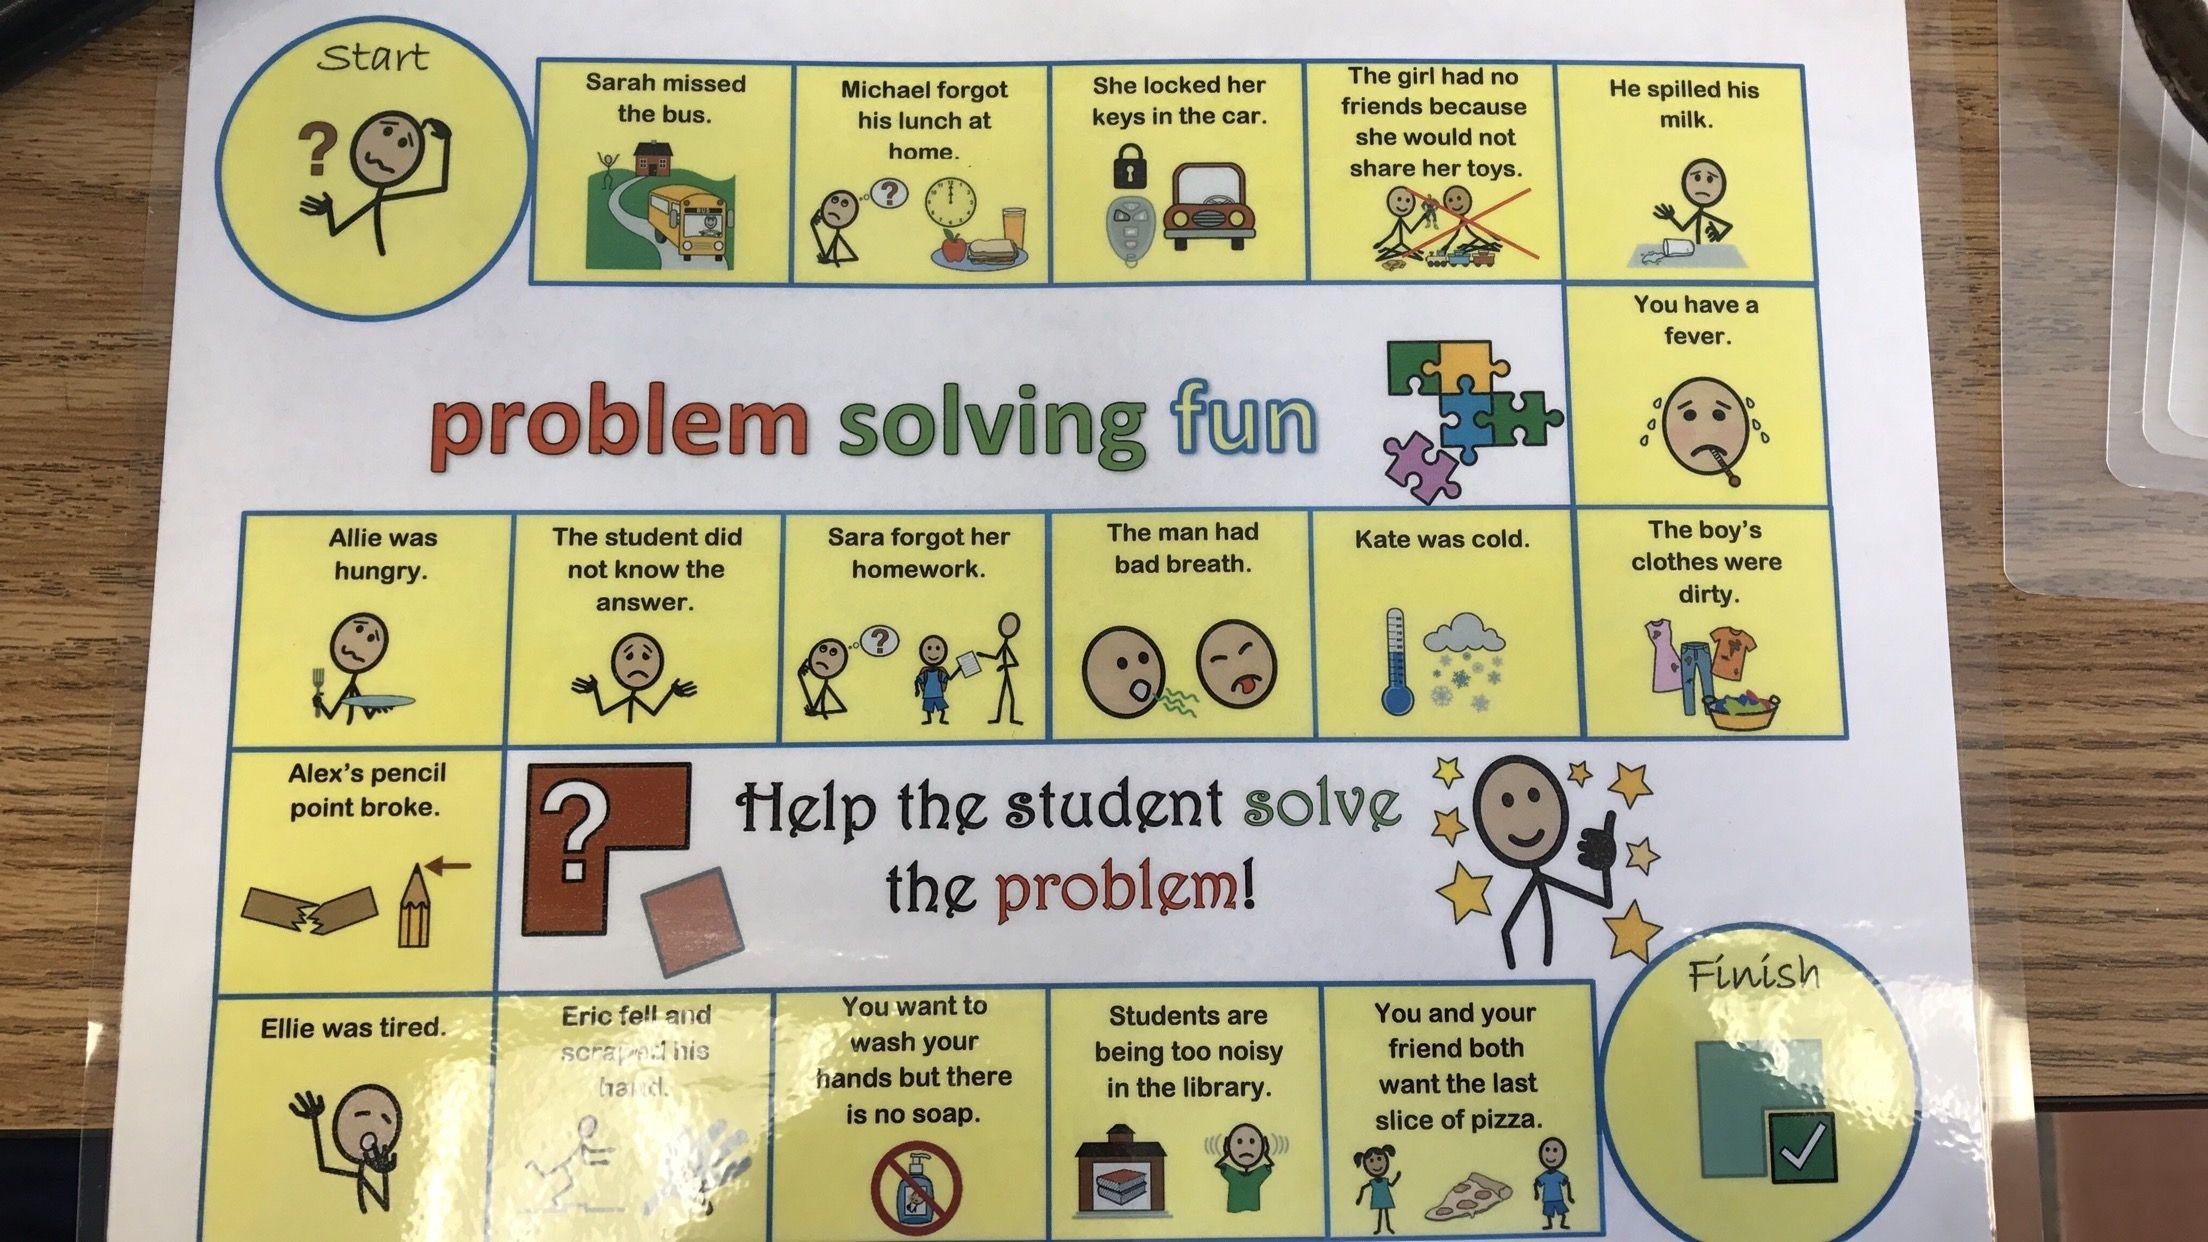 Problem Solving Game Board Problem solving, Solving